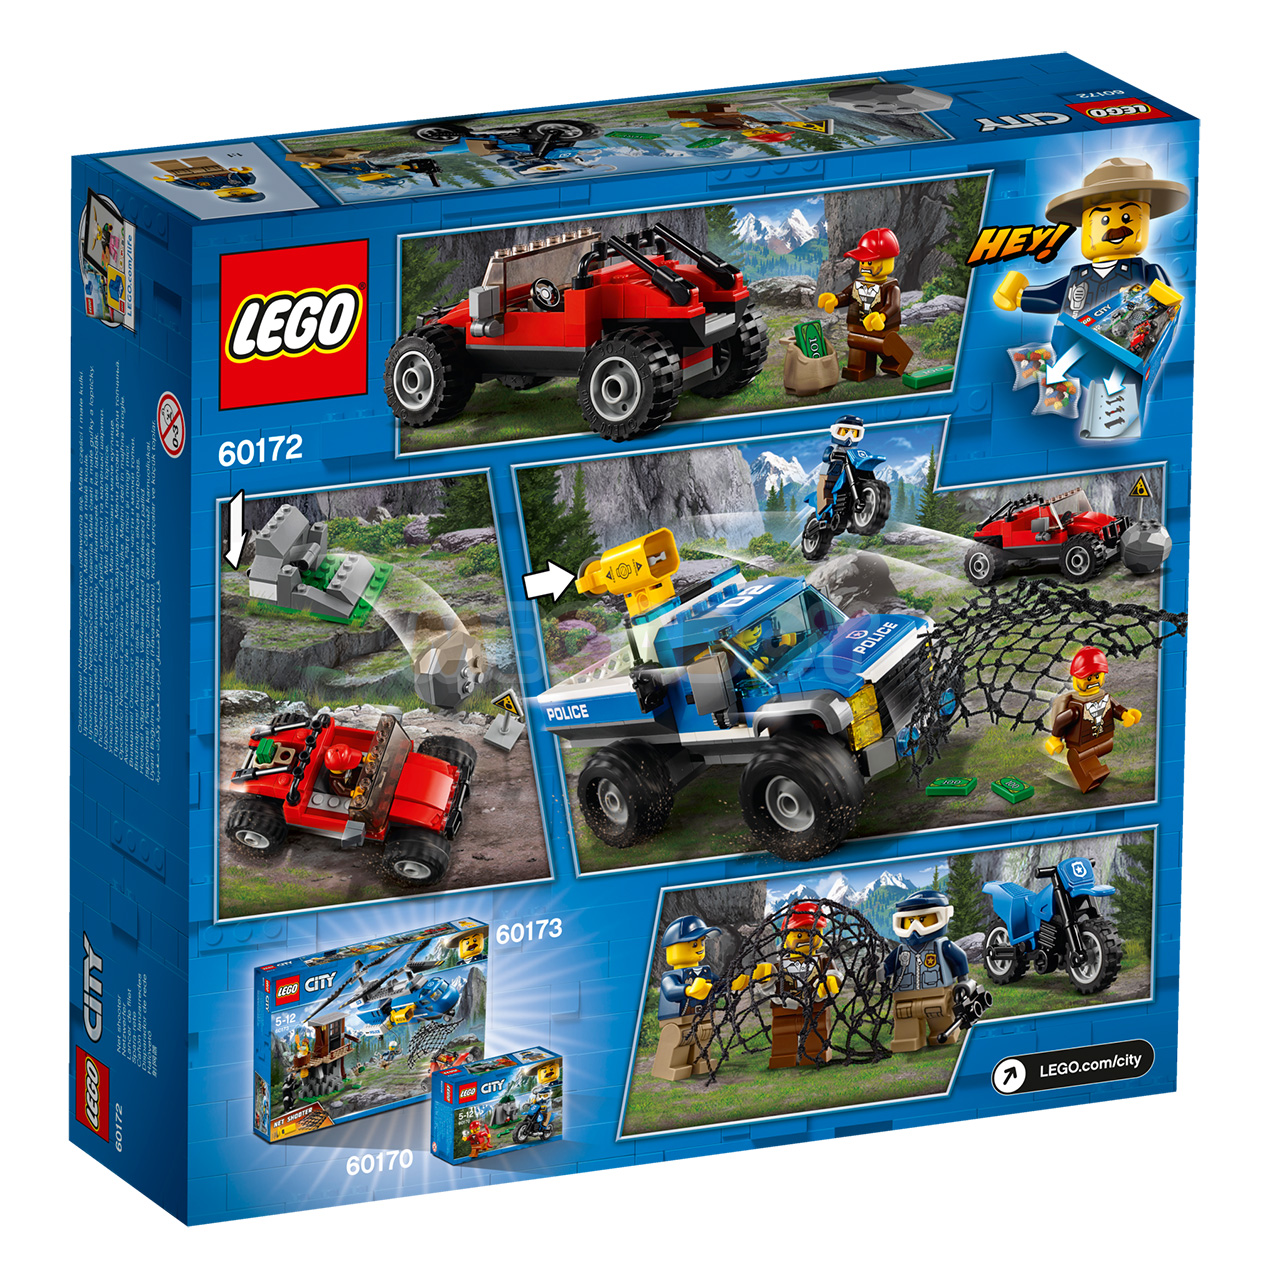 Конструктор lego city 60172 погоня по грунтовой дороге